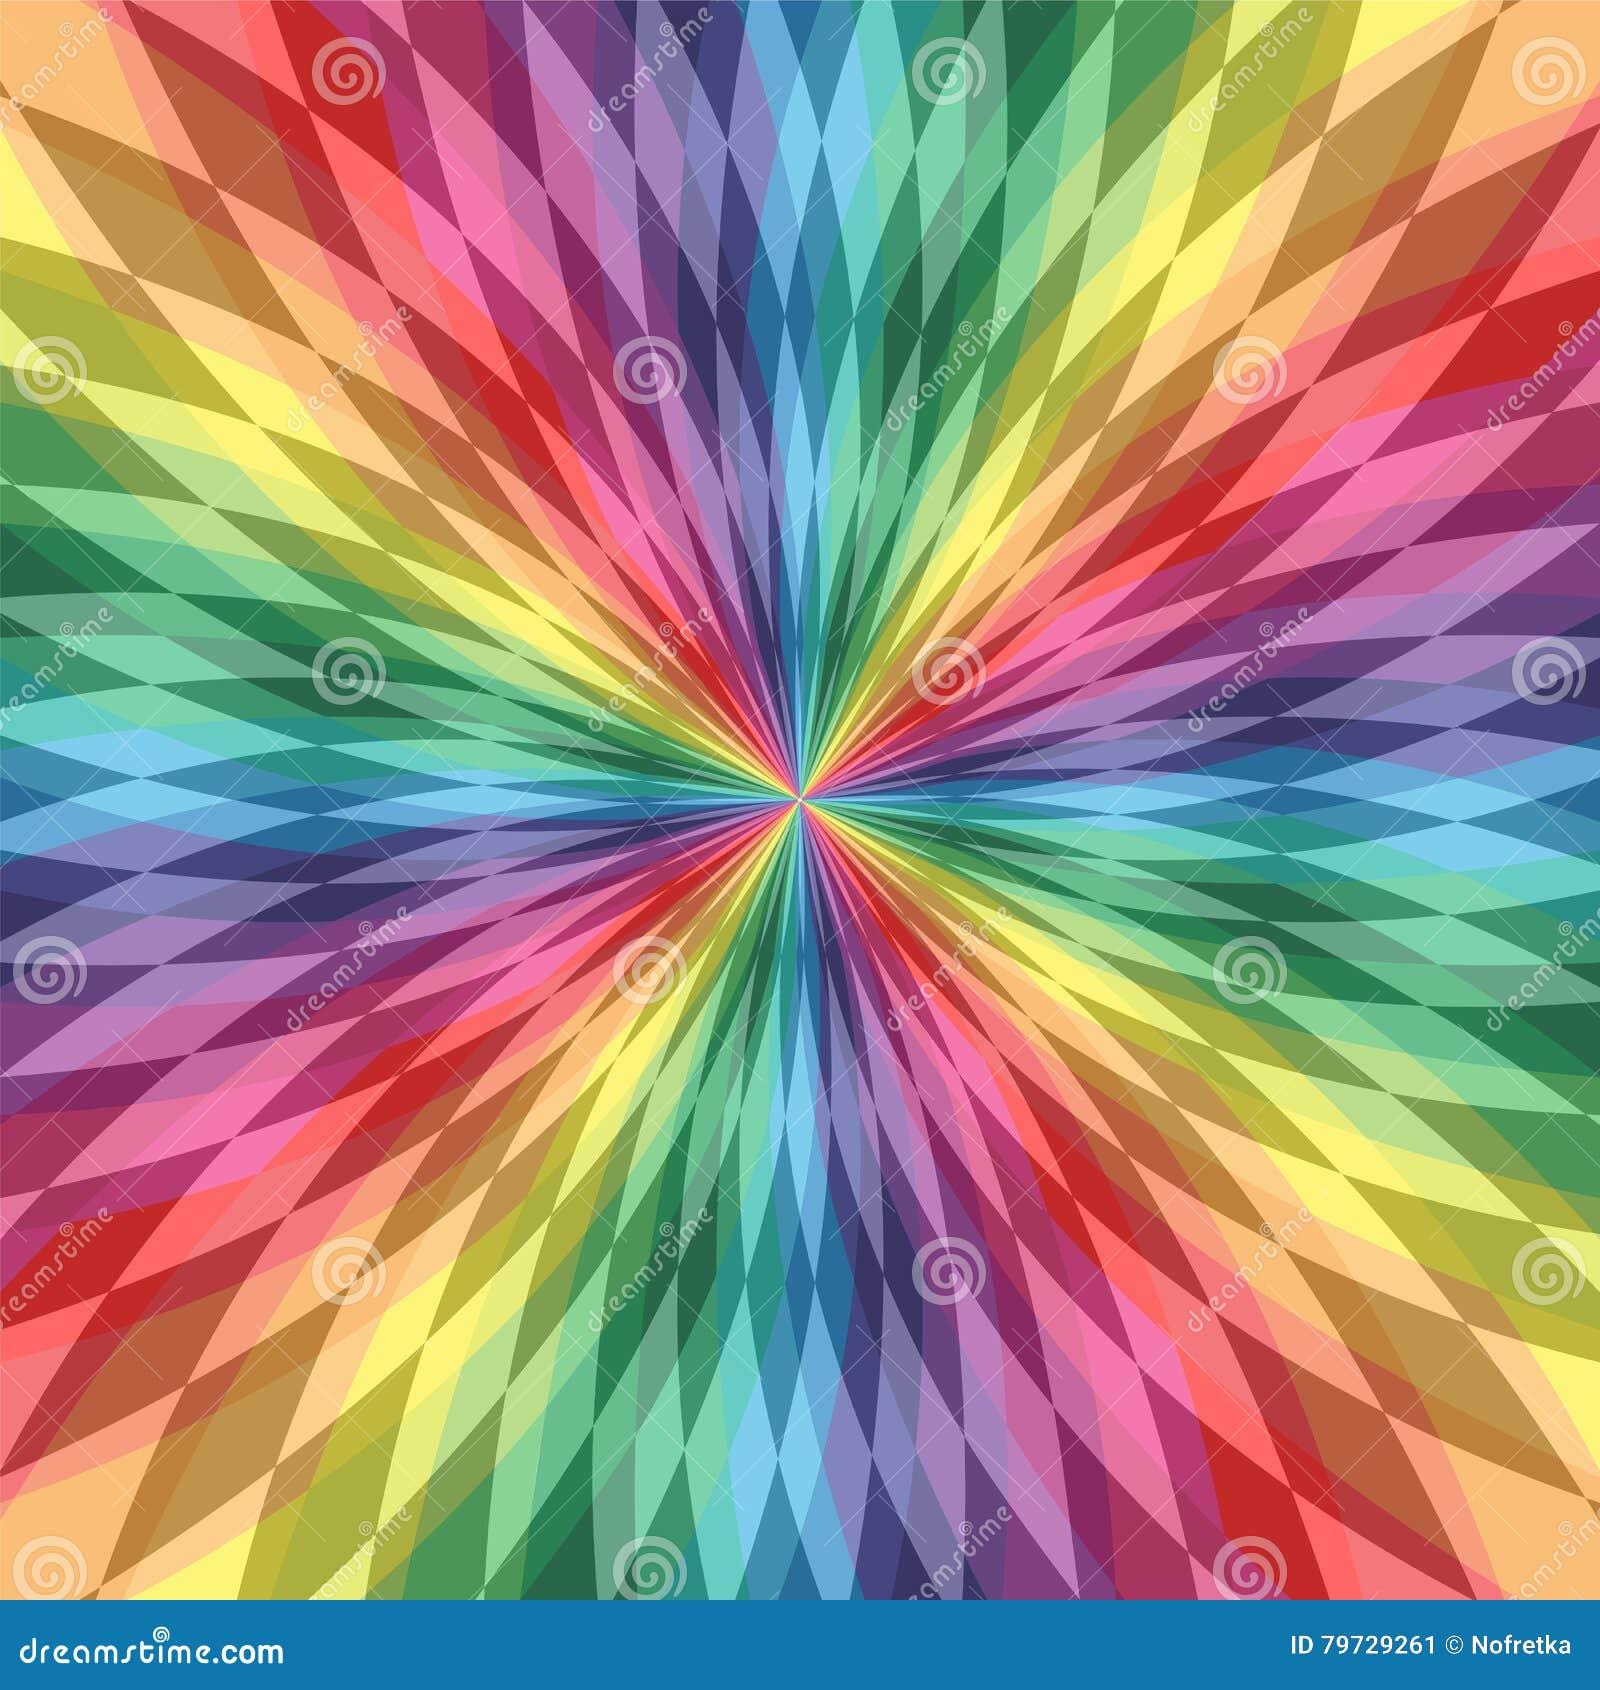 Las líneas poligonales iridiscentes se entrecruzan en el centro Modelo transparente colorido Fondo abstracto geométrico del arco